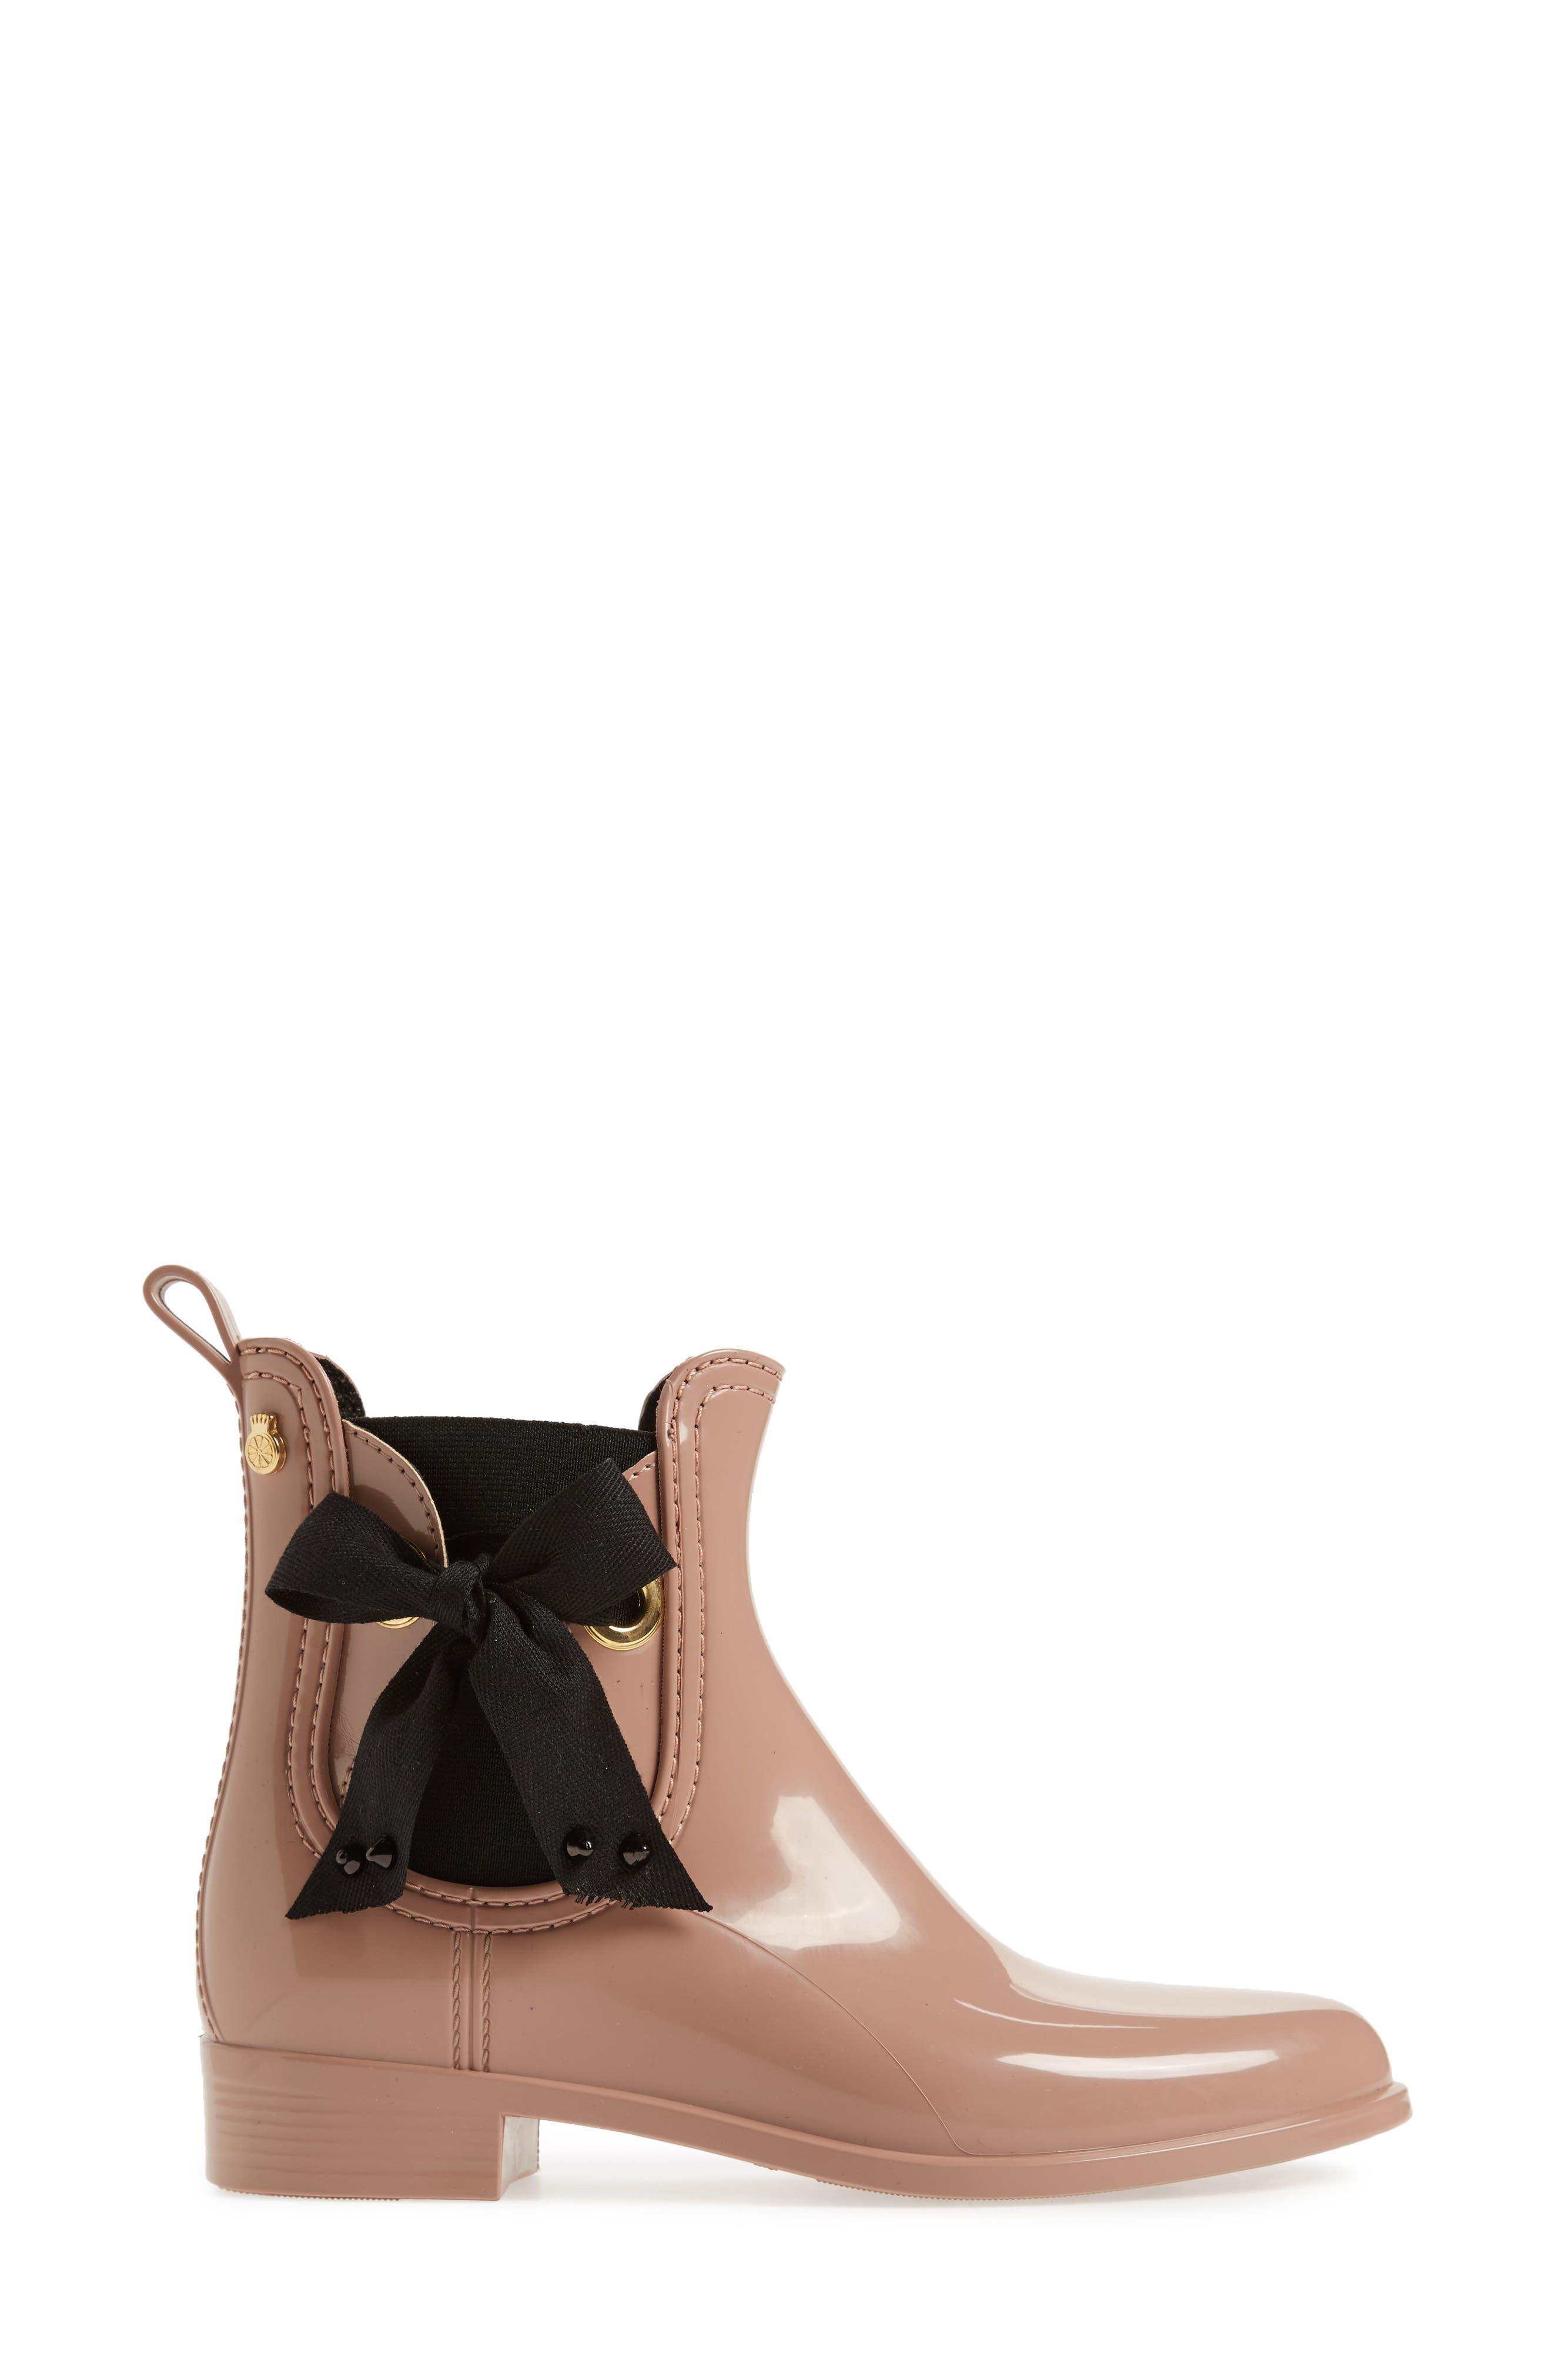 Alternate Image 3  - Lemon Jelly Haley Waterproof Chelsea Boot (Women)